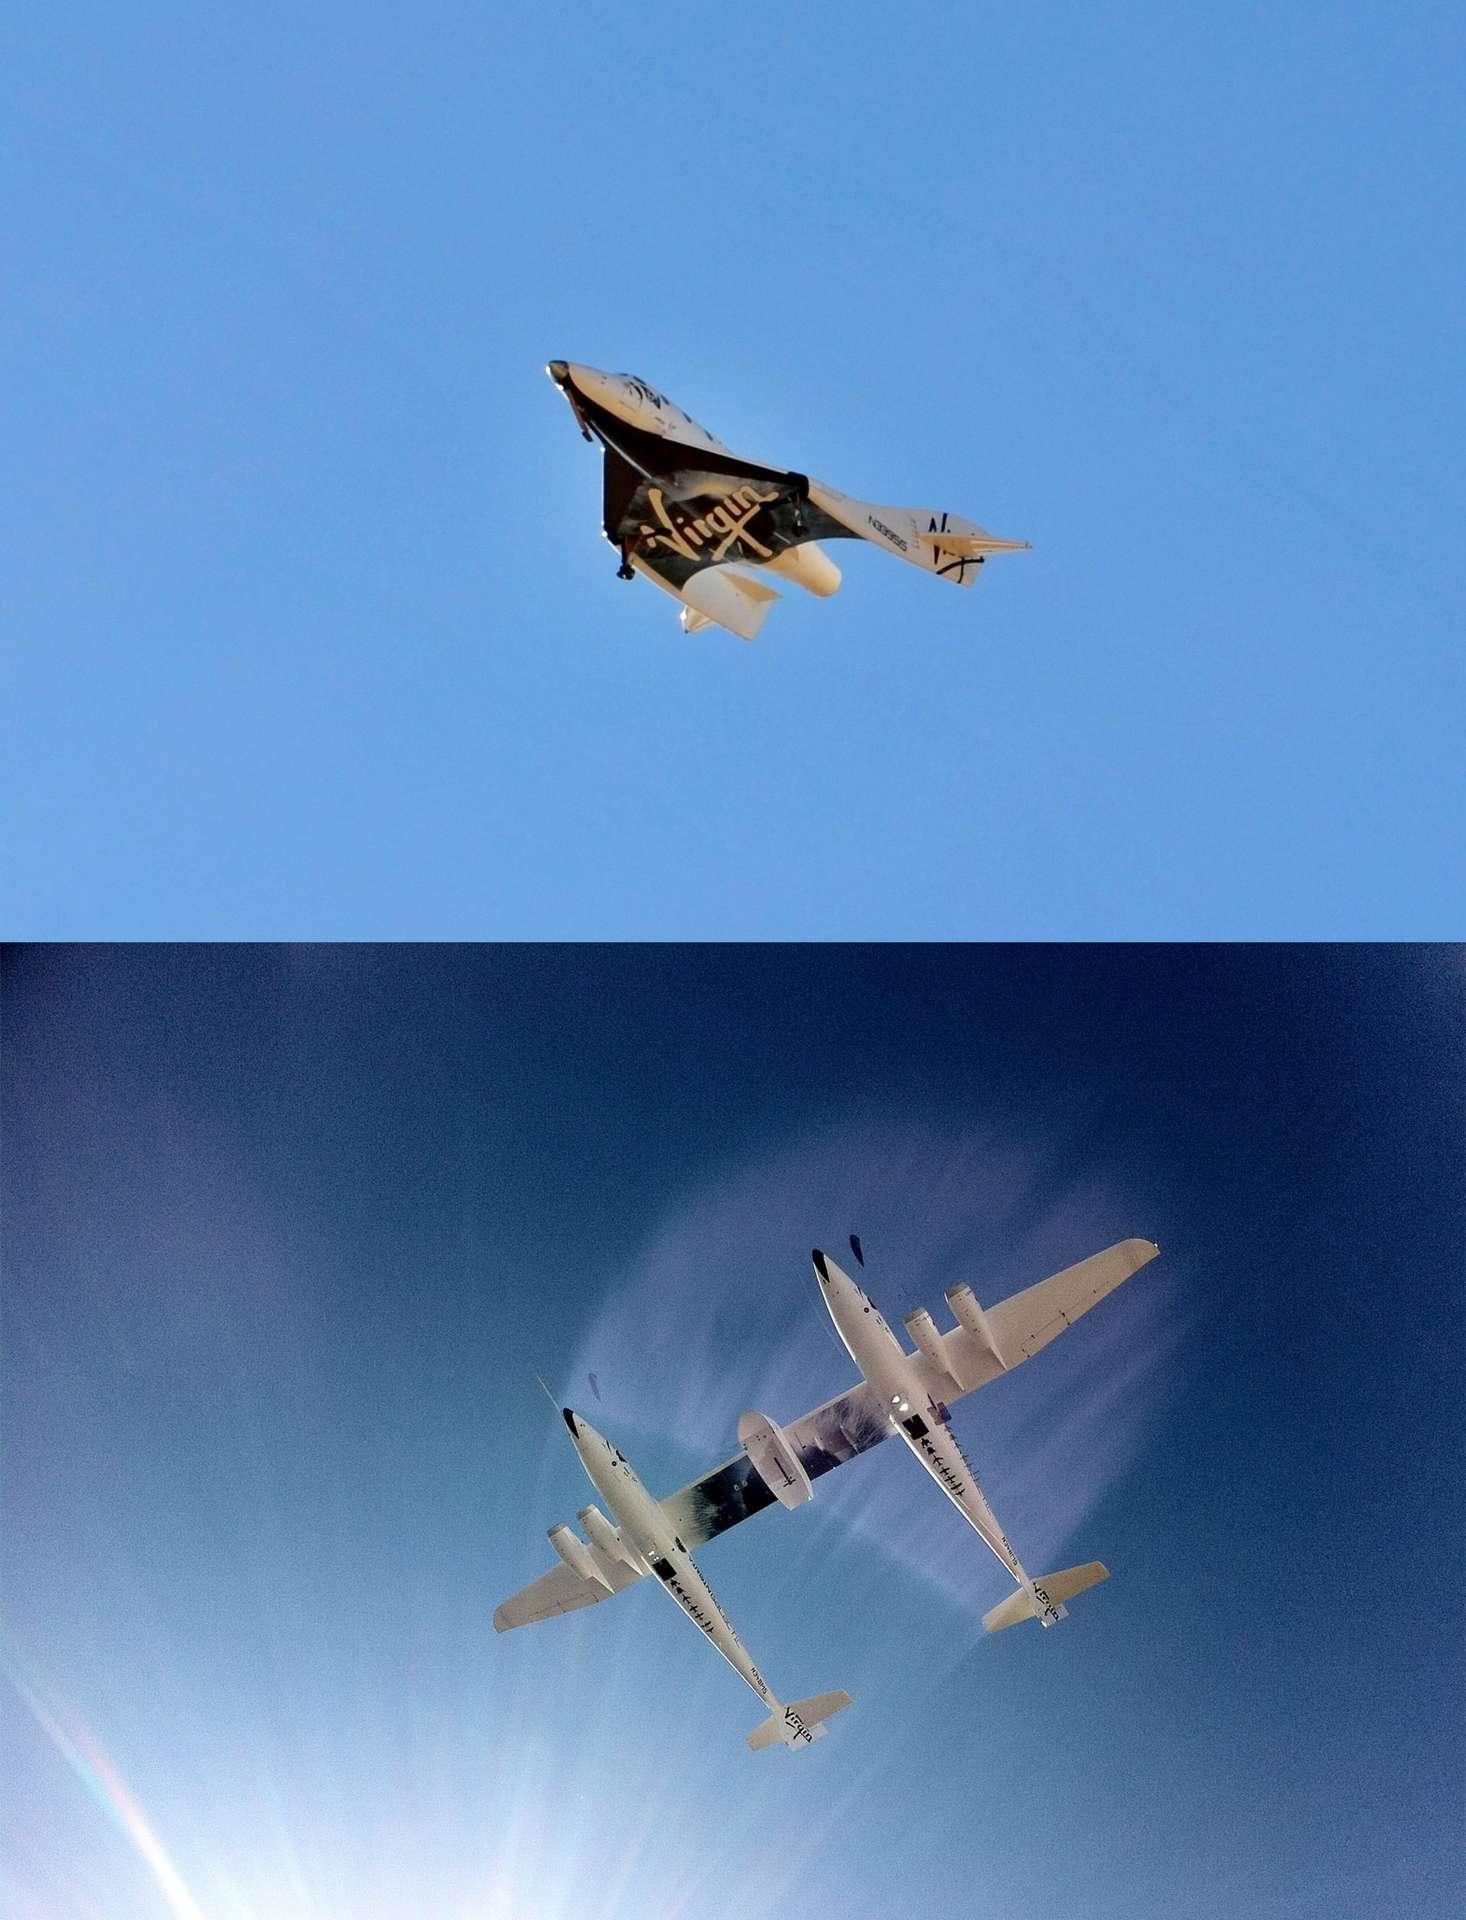 Le système de transport de Virgin Galactic constitué de l'avion porteur WhiteKnightTwo et du SpaceShipTwo (en haut), lors d'essais en vol en début d'année. Le premier vol commercial est annoncé avant la fin de l'année. © Virgin Galactic